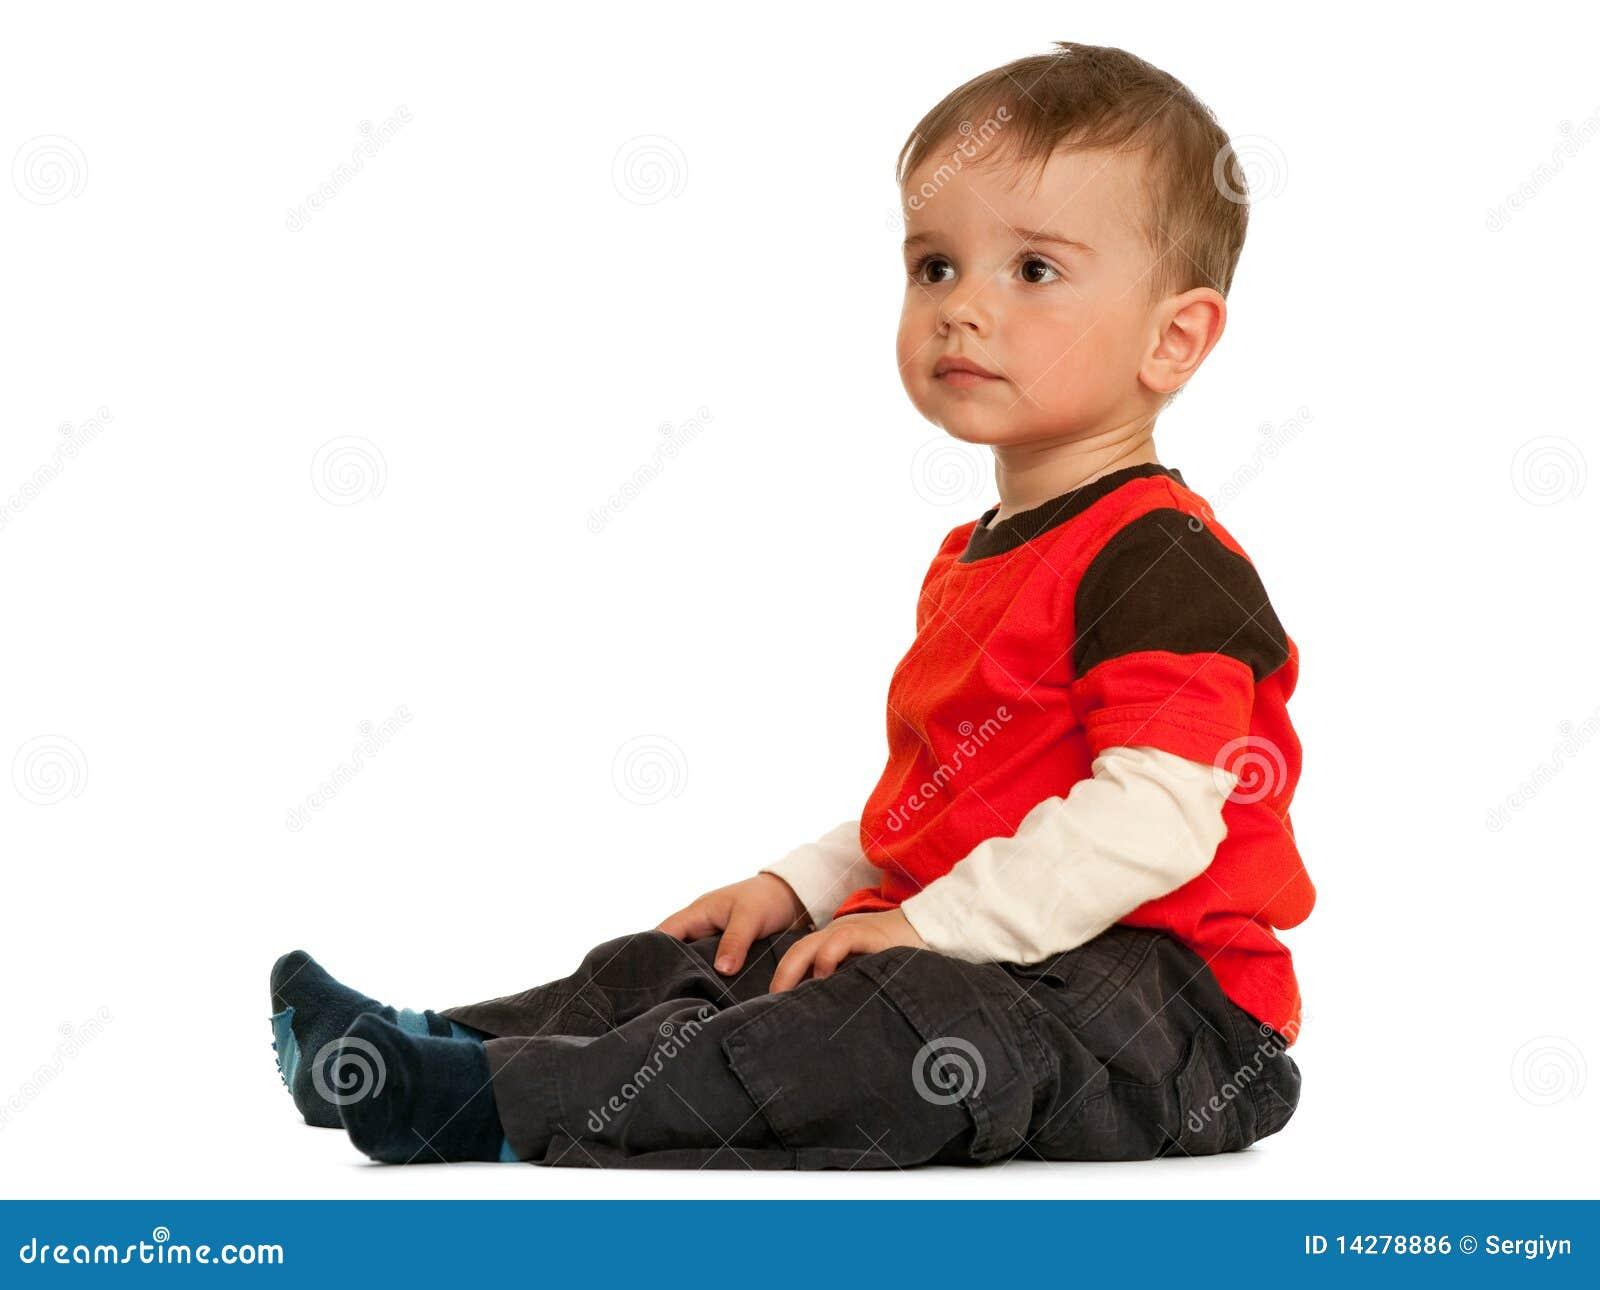 sitzendes kleinkind stockfoto bild von kind portrait 14278886. Black Bedroom Furniture Sets. Home Design Ideas